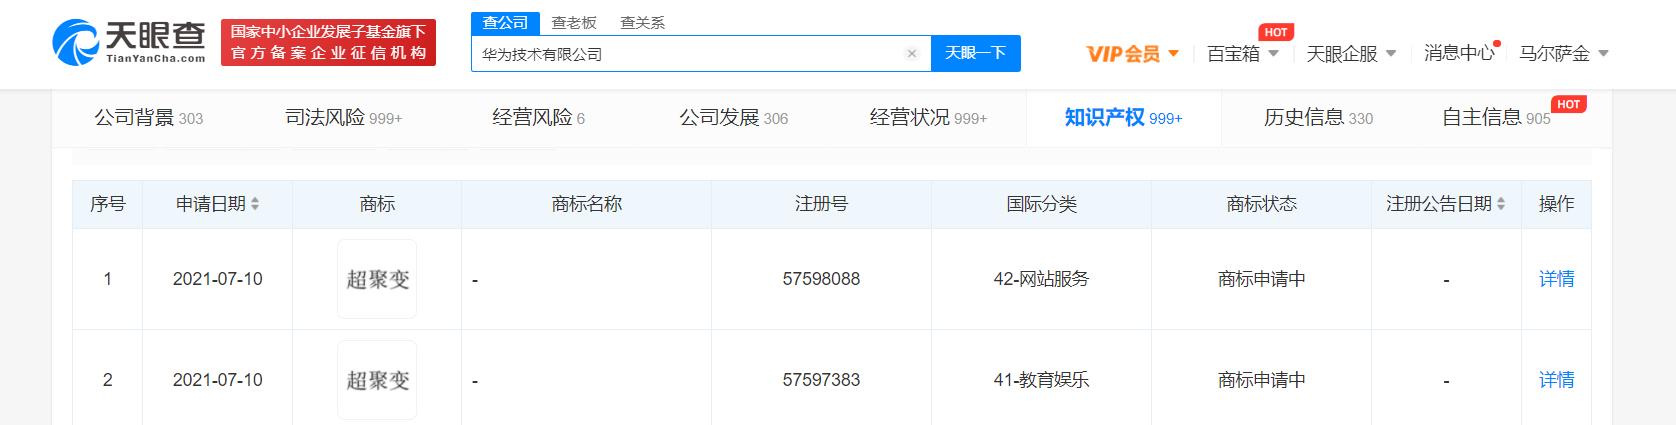 """华为注册""""超聚变""""商标,分类涉及网站服务等"""